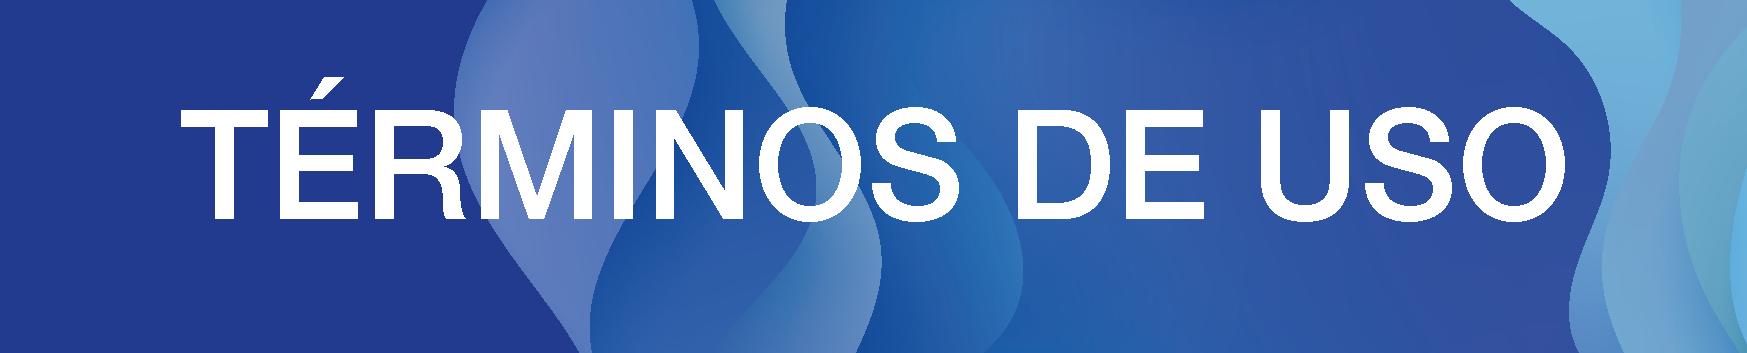 TÉRMINOS DE USO-12.png